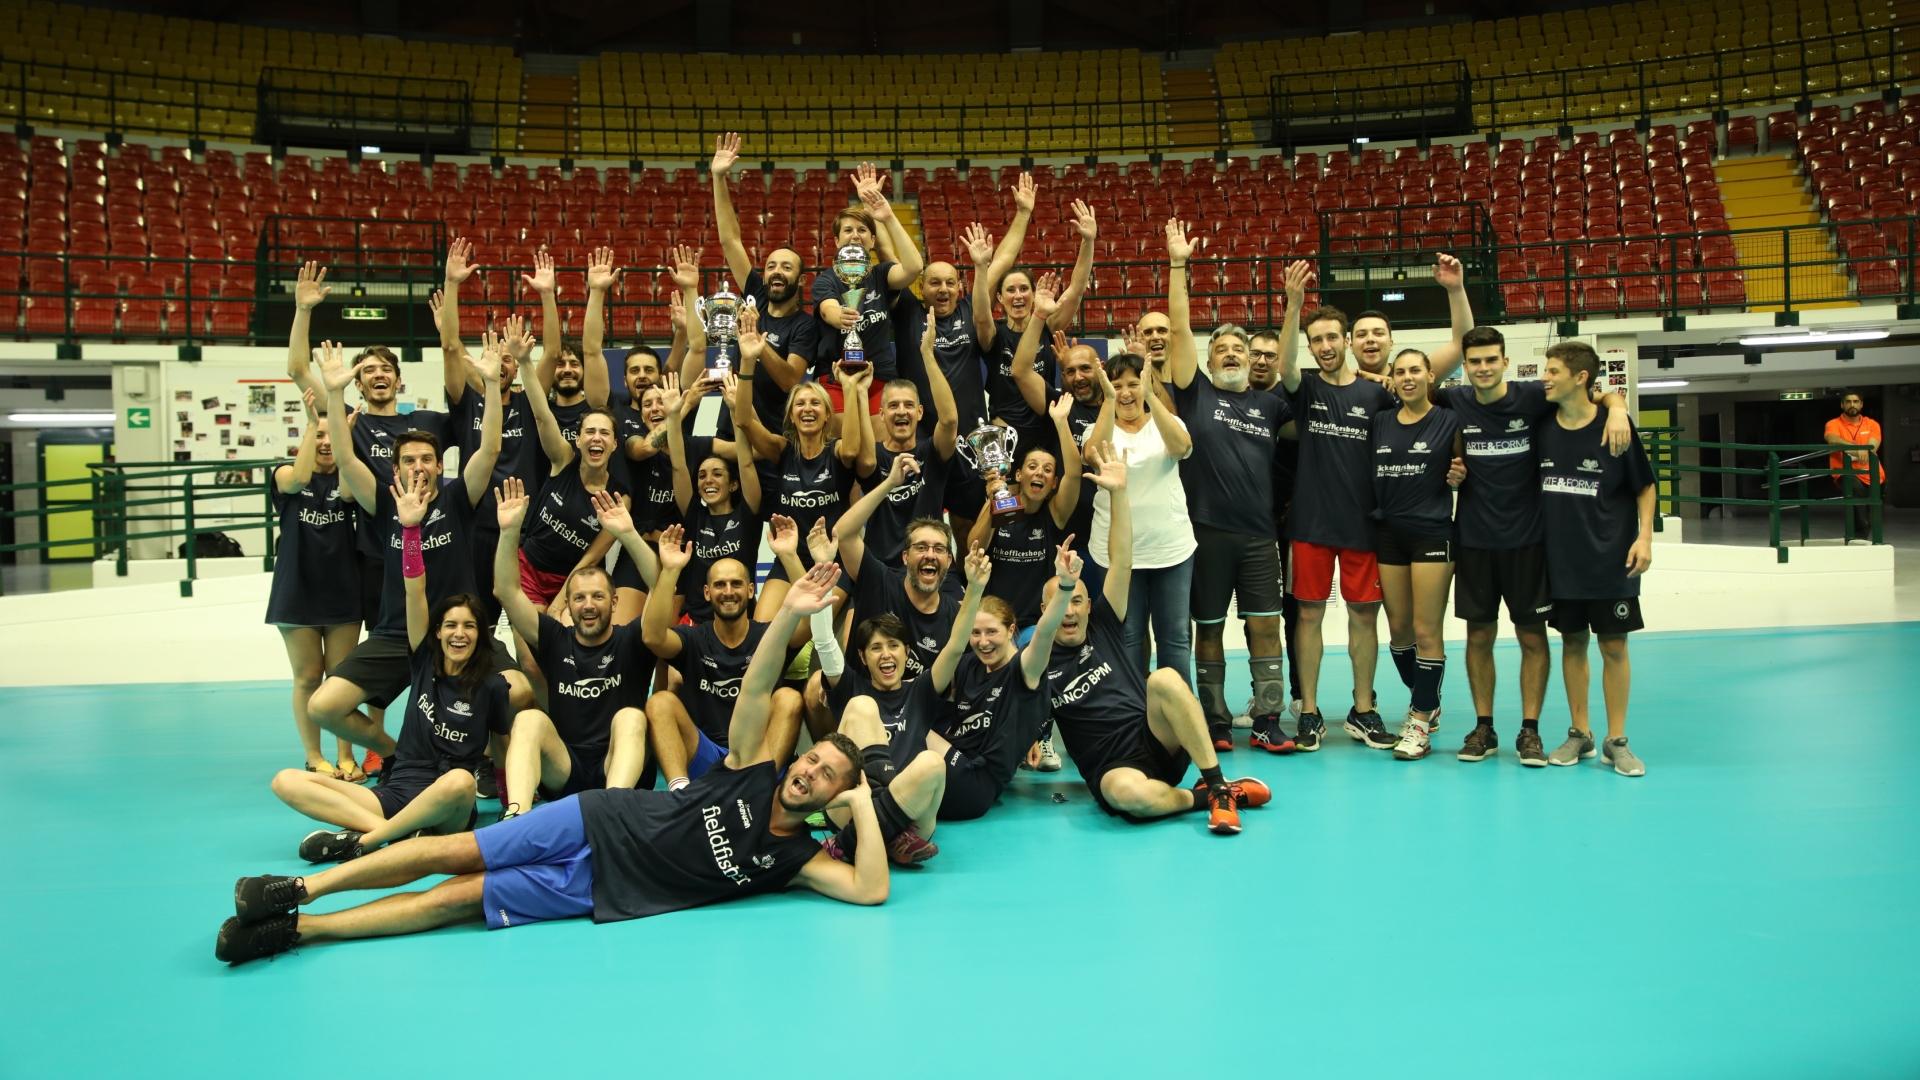 Che spettacolo la prima edizione della Vero Volley Sponsor Cup!